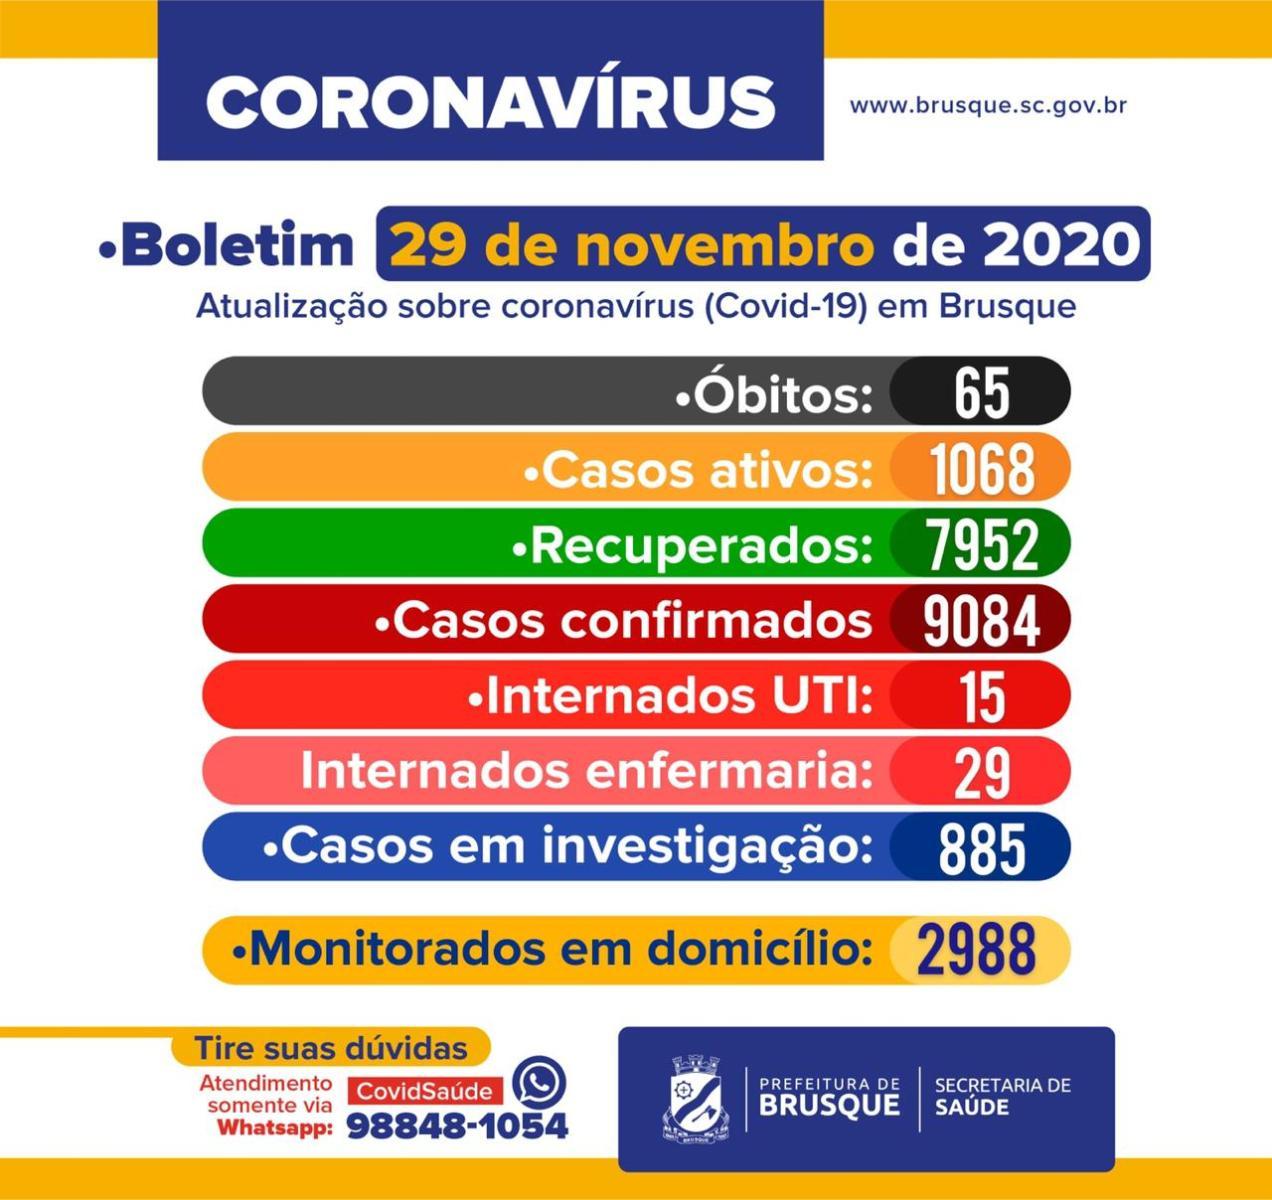 COVID-19: Boletim epidemiológico de 29 de novembro